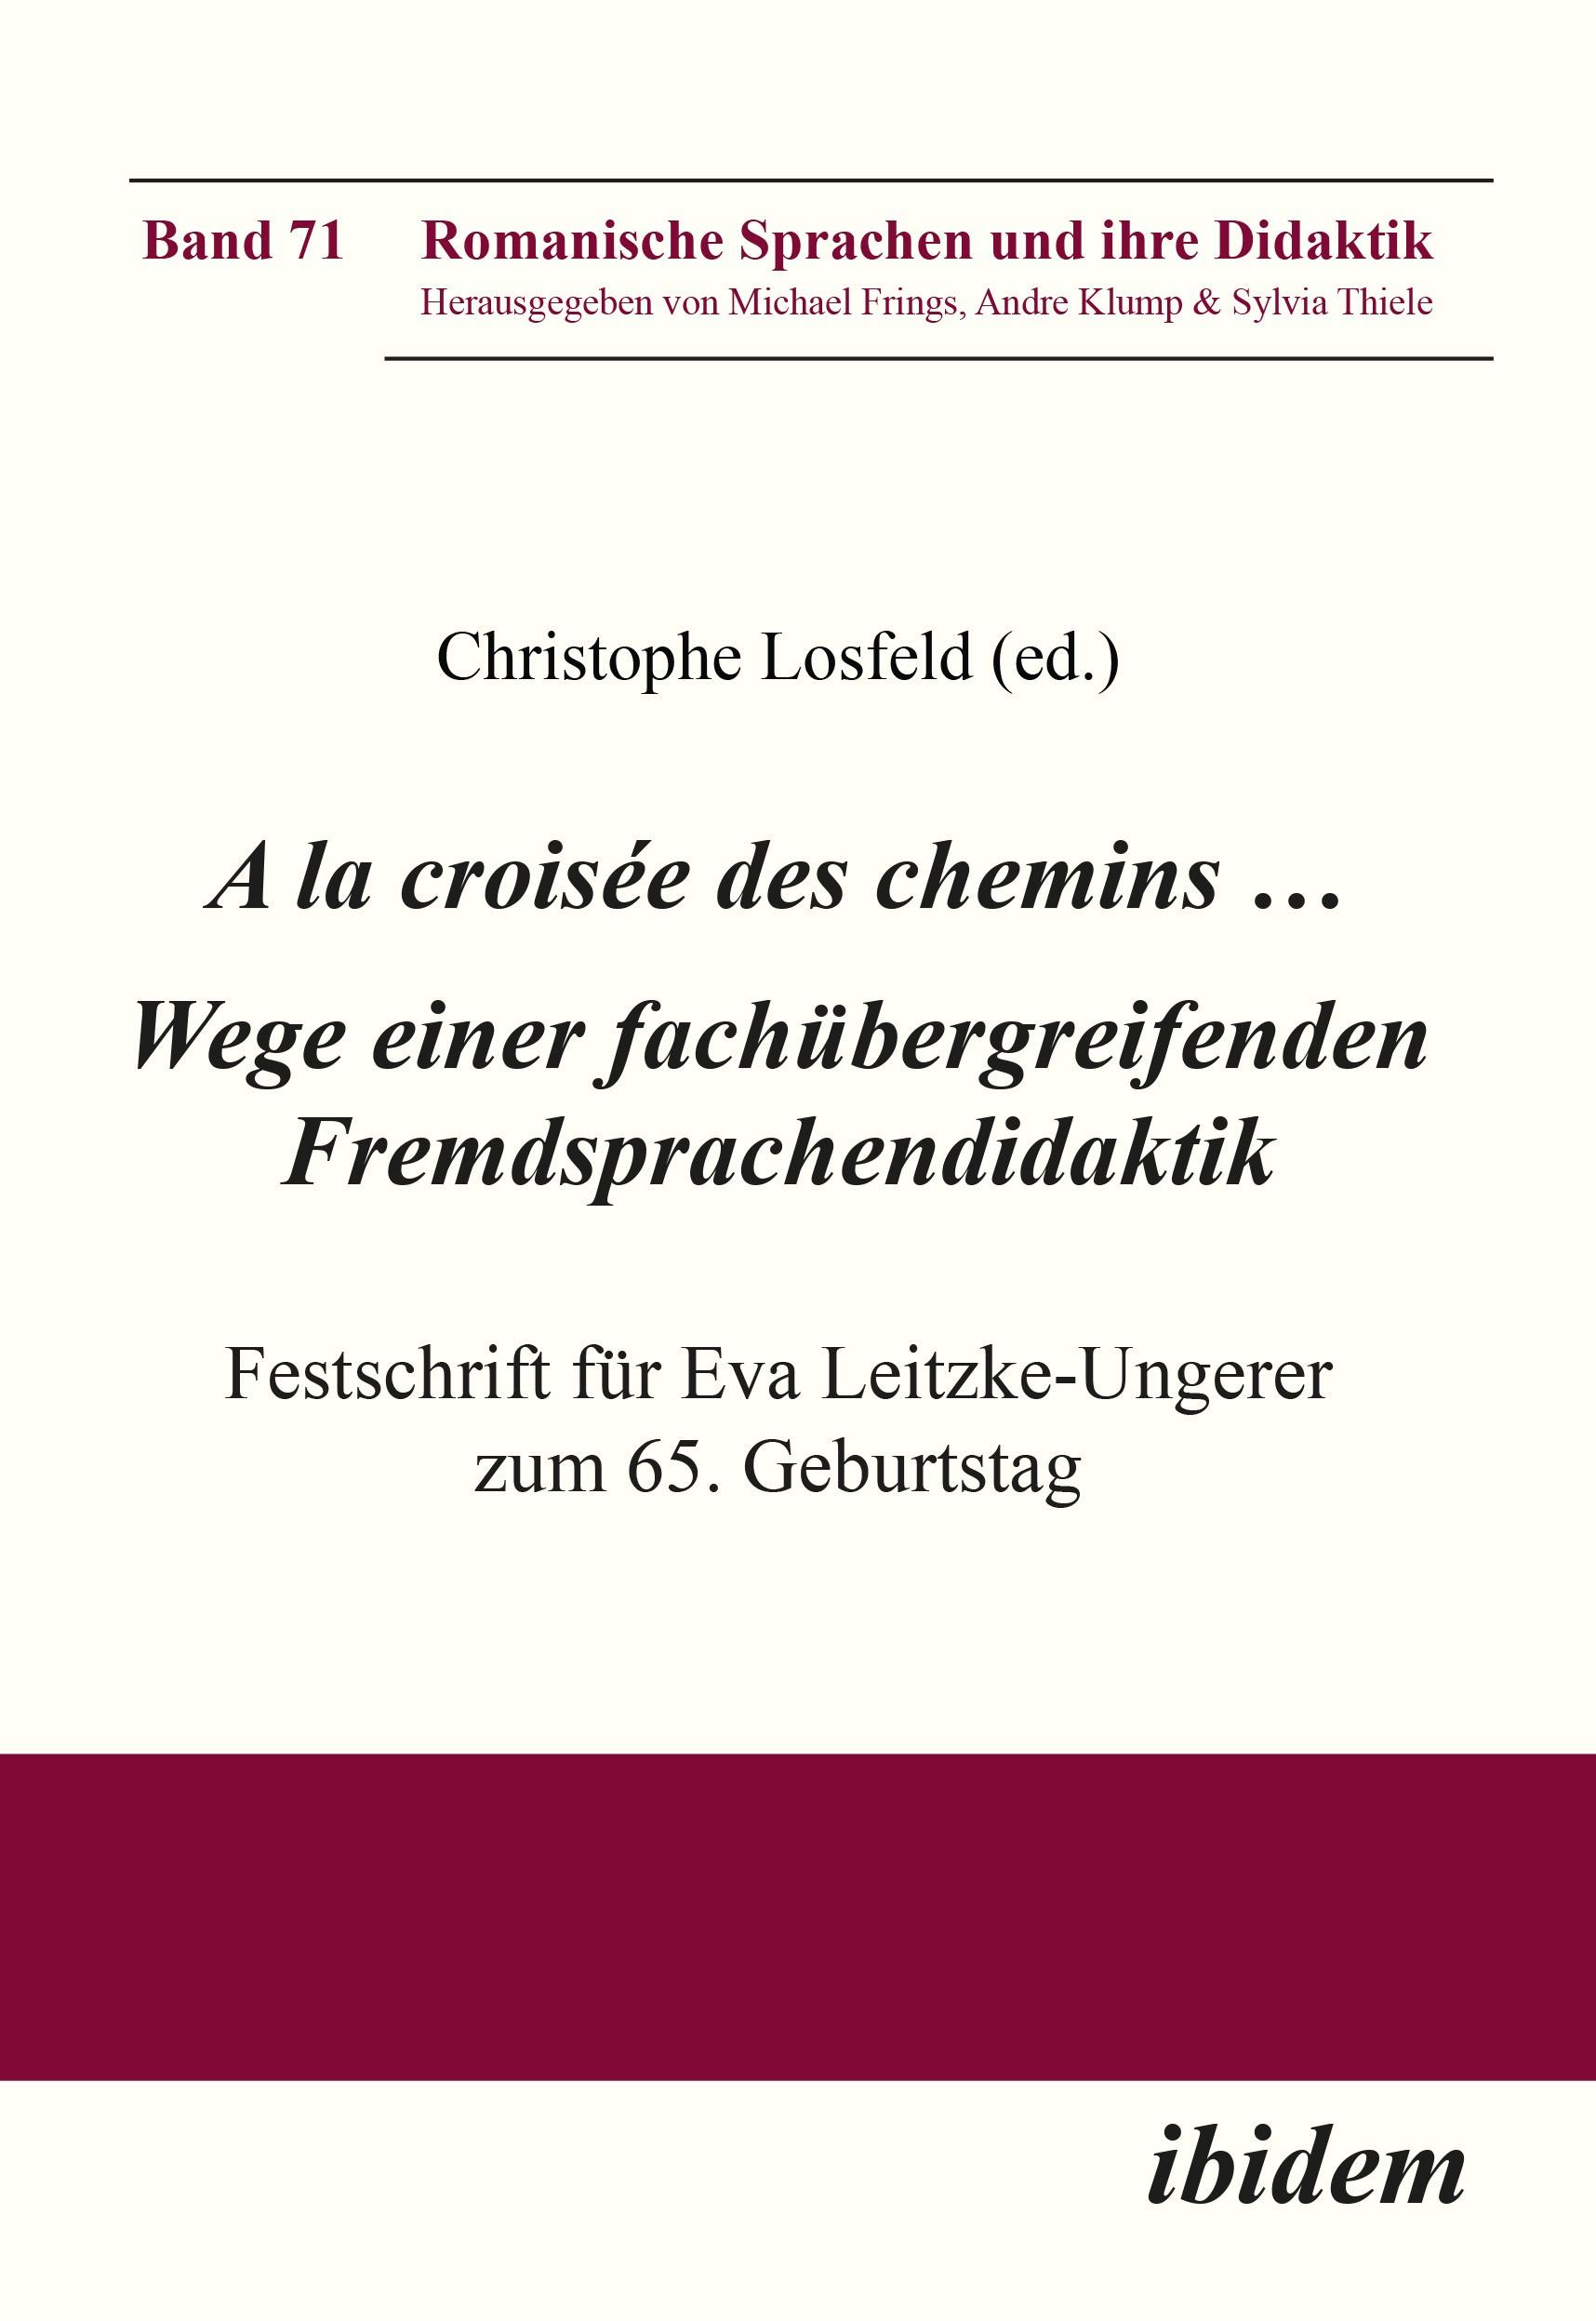 A la croisée des chemins … Wege einer fachübergreifenden Fremdsprachendidaktik